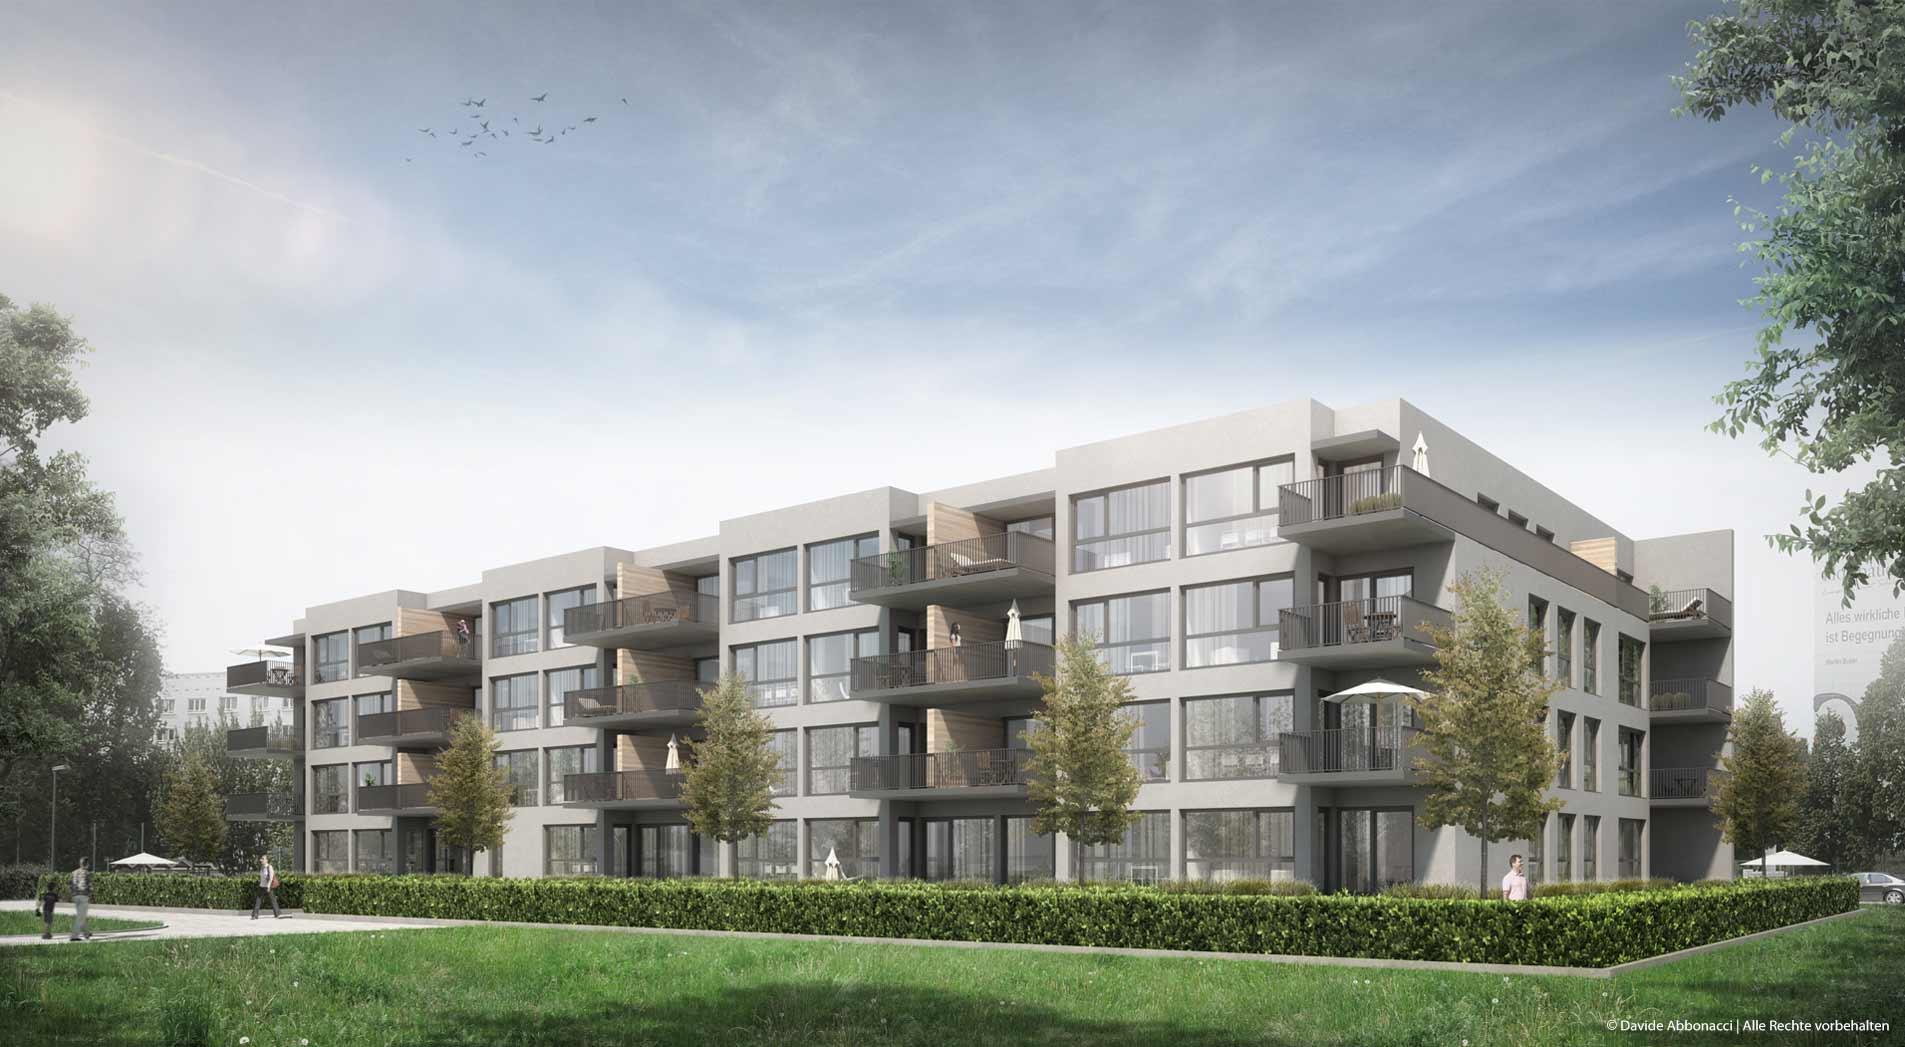 Neubau eines Wohngebäudes, Wilhelm-Külz-Straße 120, Stahnsdorf - Berlin | Wiechers Beck Architekten | 2015 Visualisierung Projektpräsentation